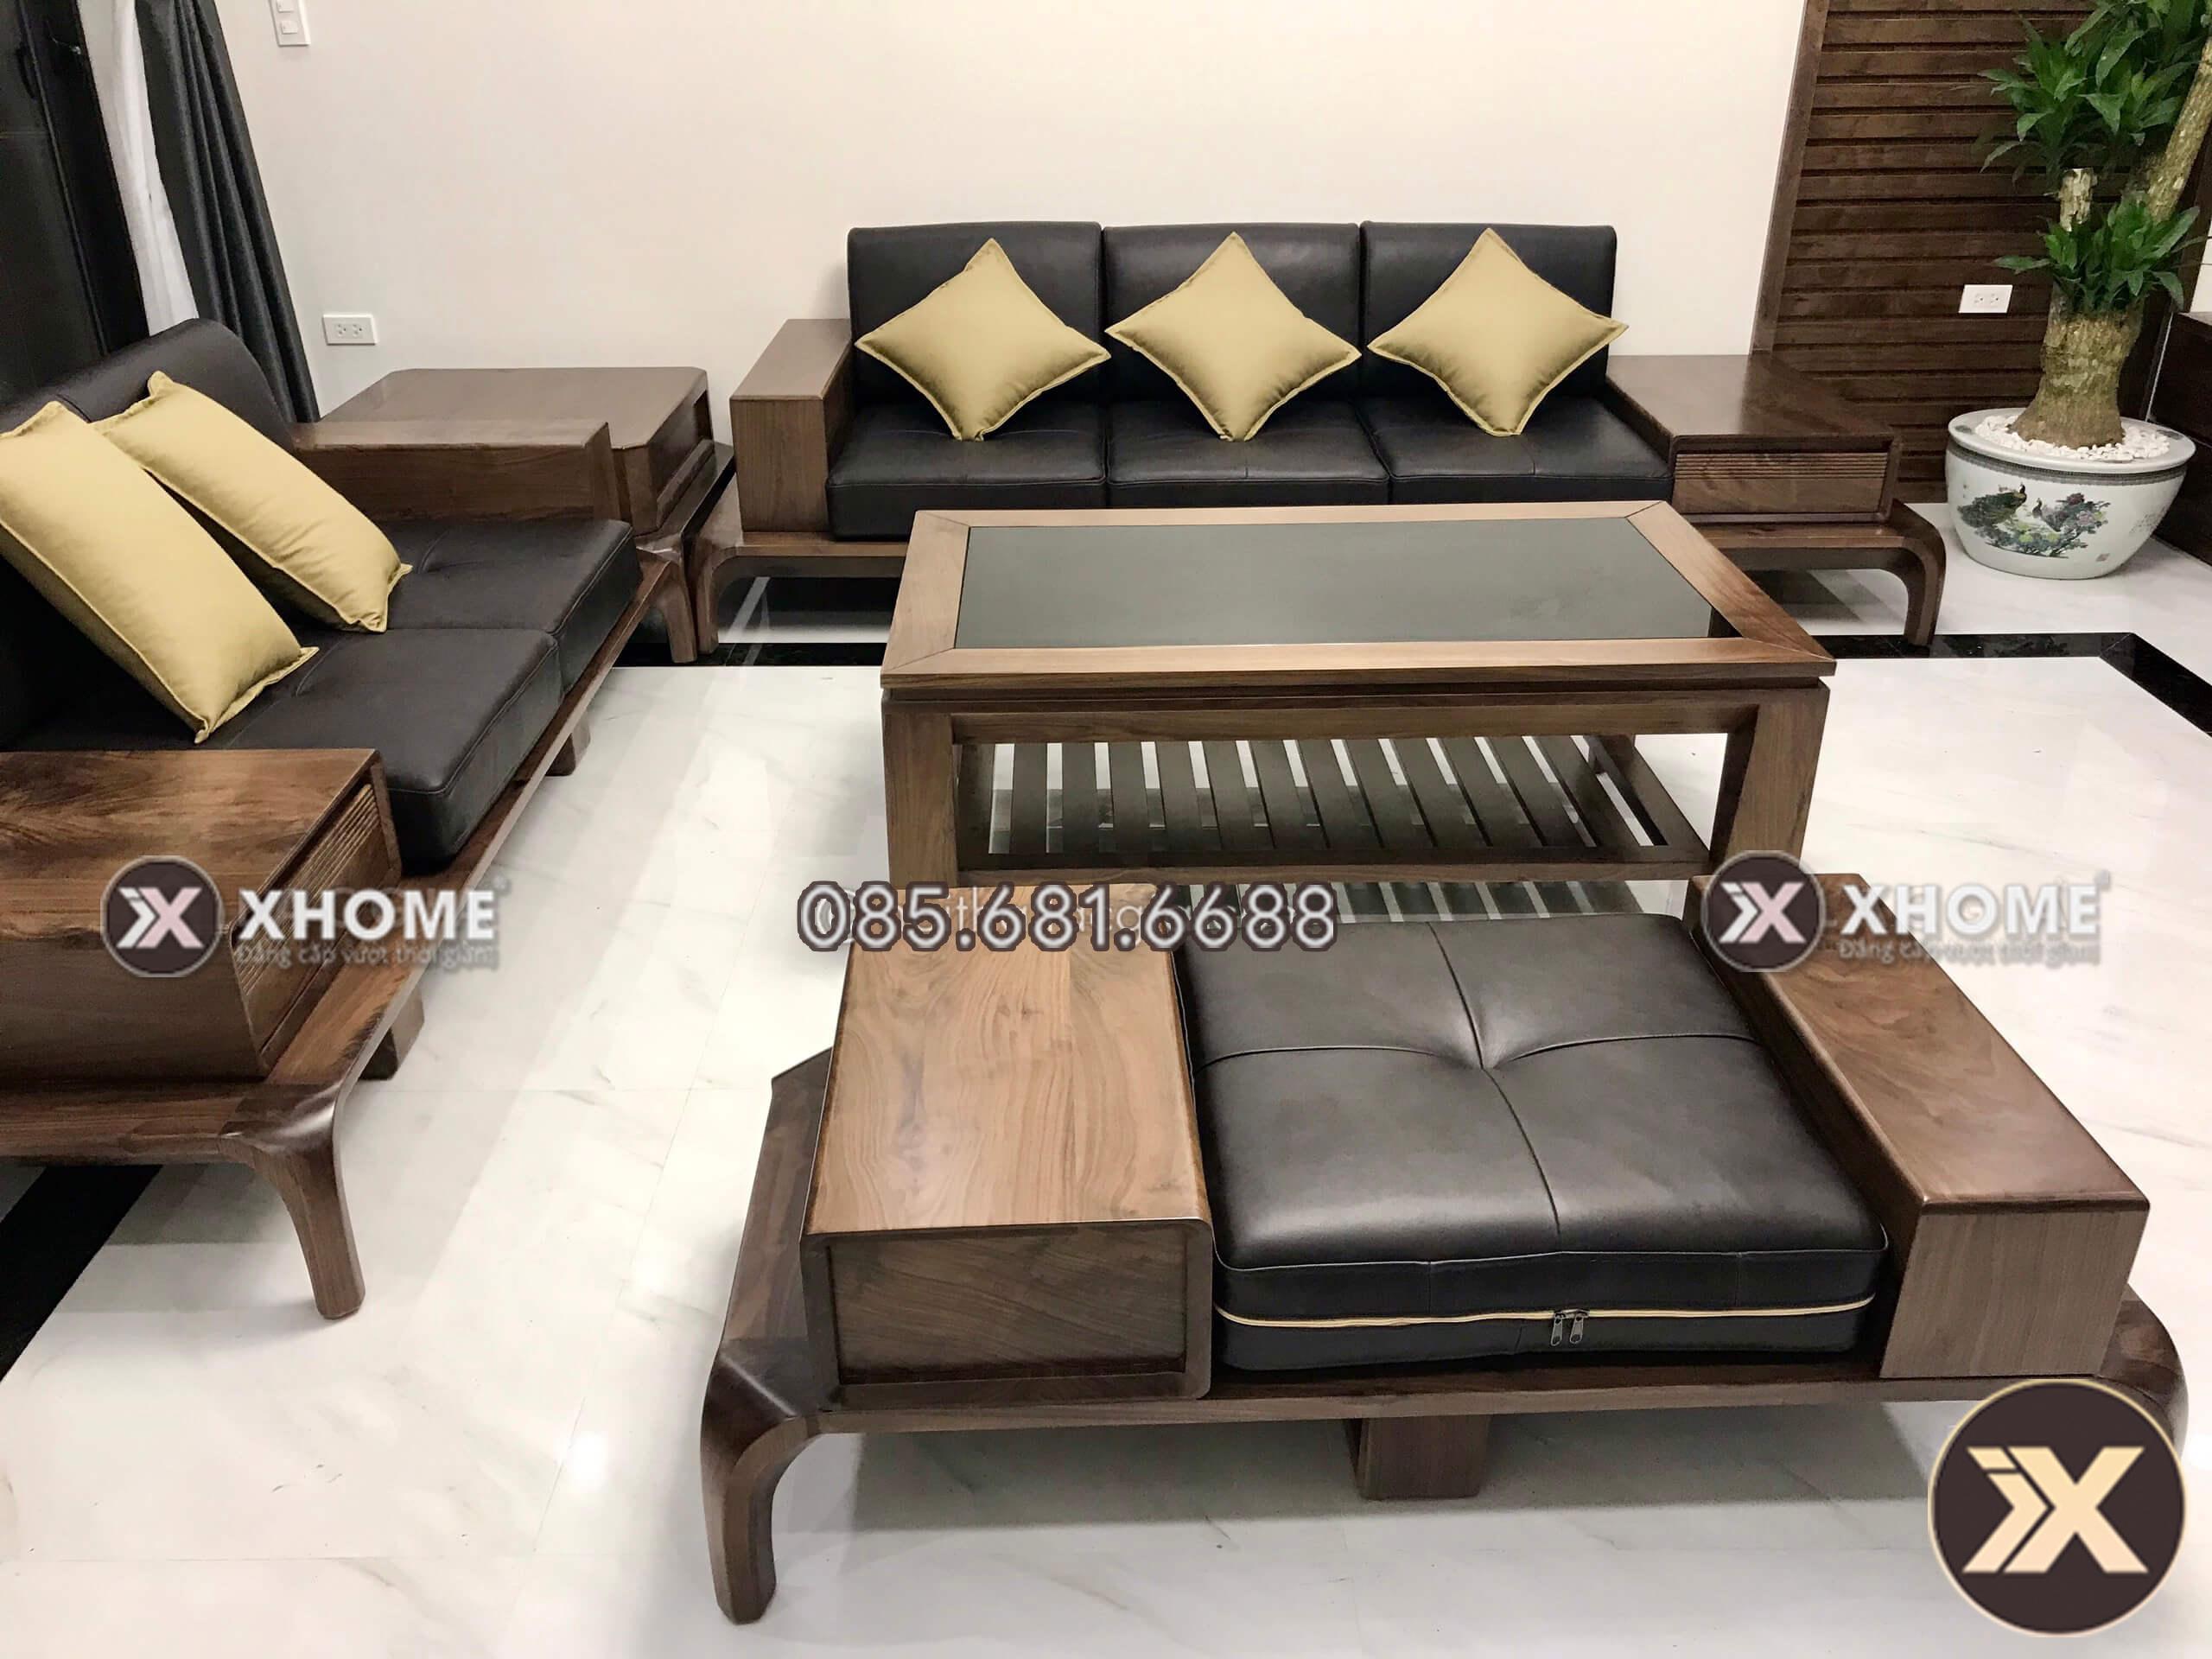 Sofa gỗ hiện đại, cao cấp